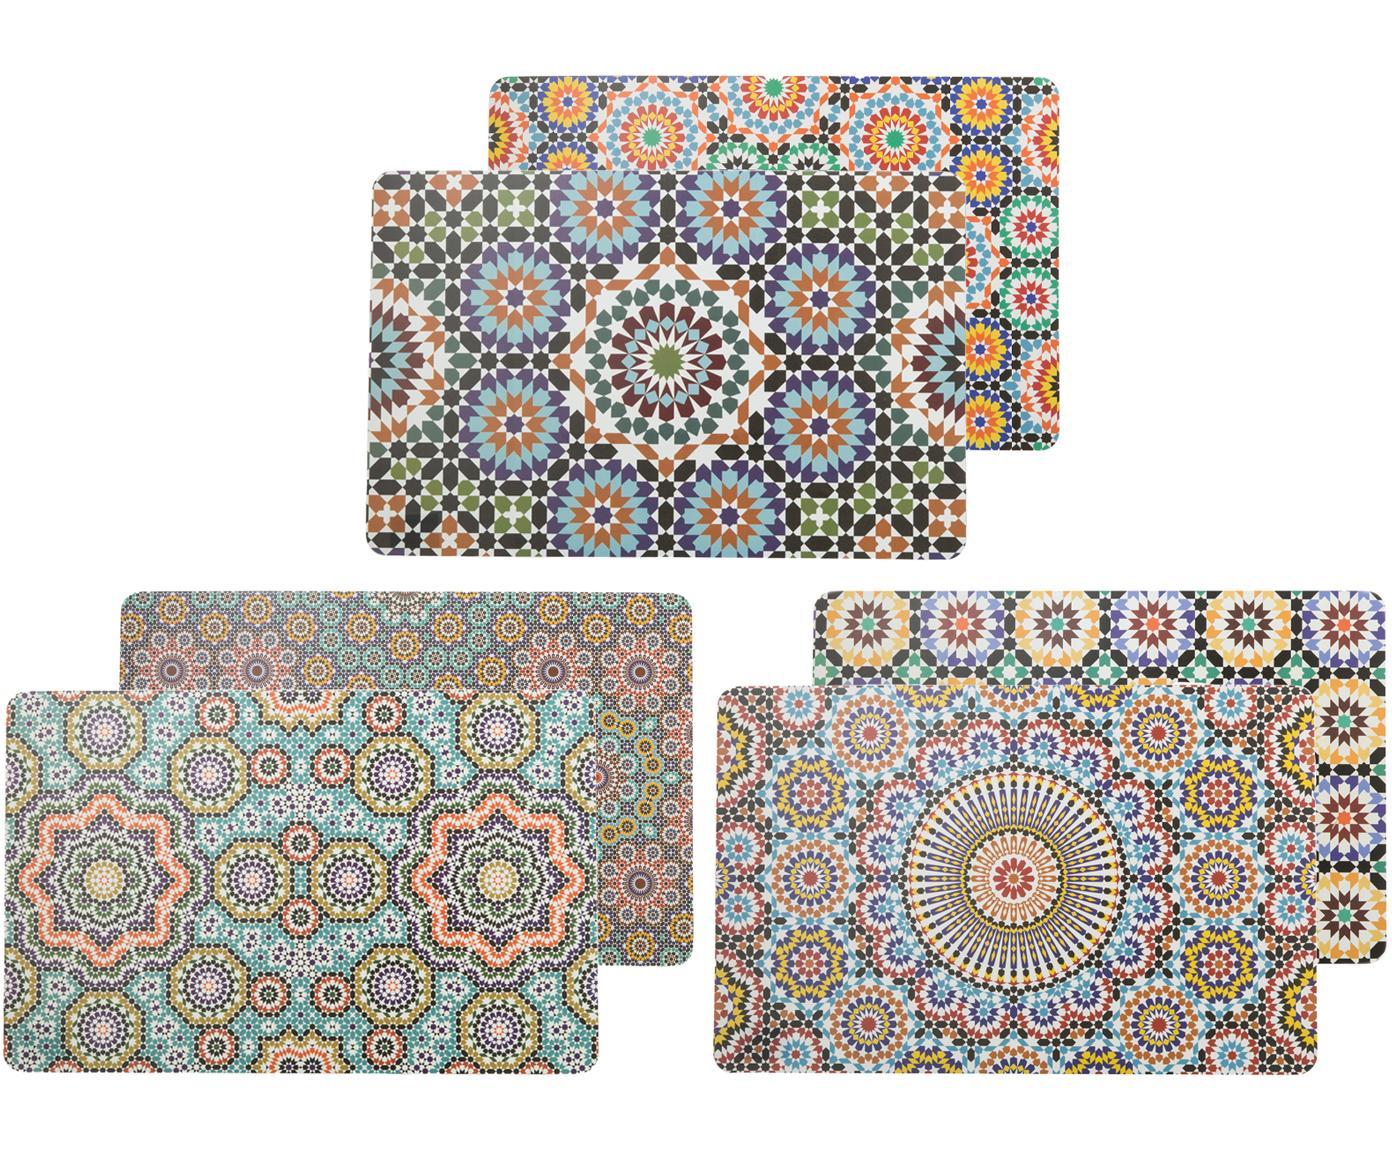 Beidseitig bedruckte Kunststoff Tischsets Marrakech Doubleface, 6er Set, Kunststoff, Mehrfarbig, 30 x 45 cm